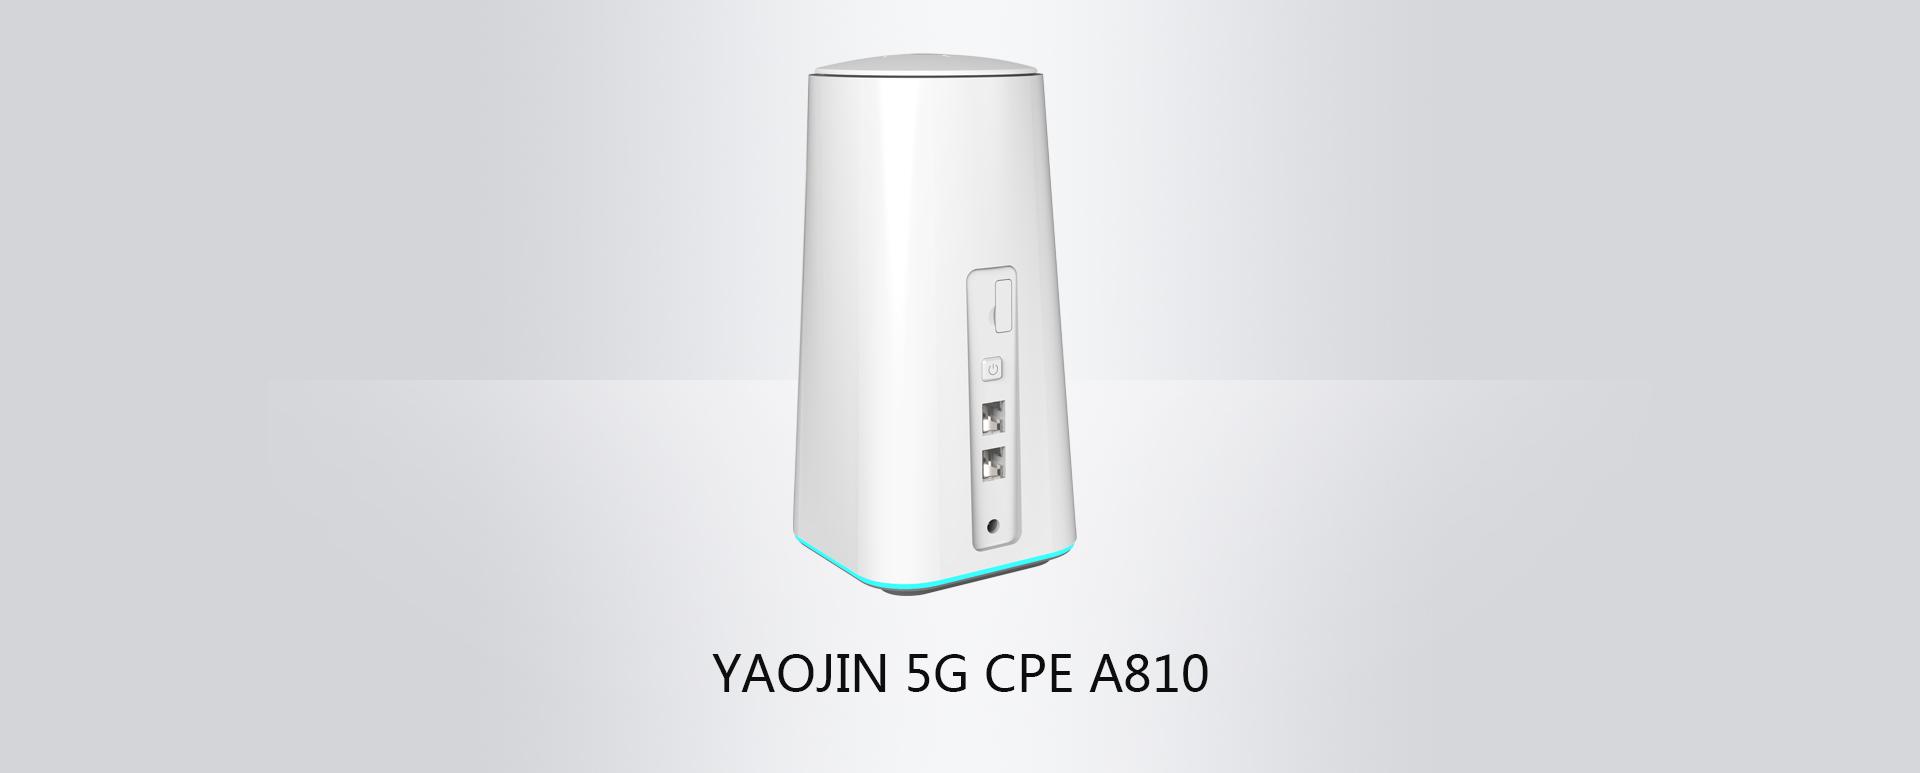 YAOJIN 5G CPE A810